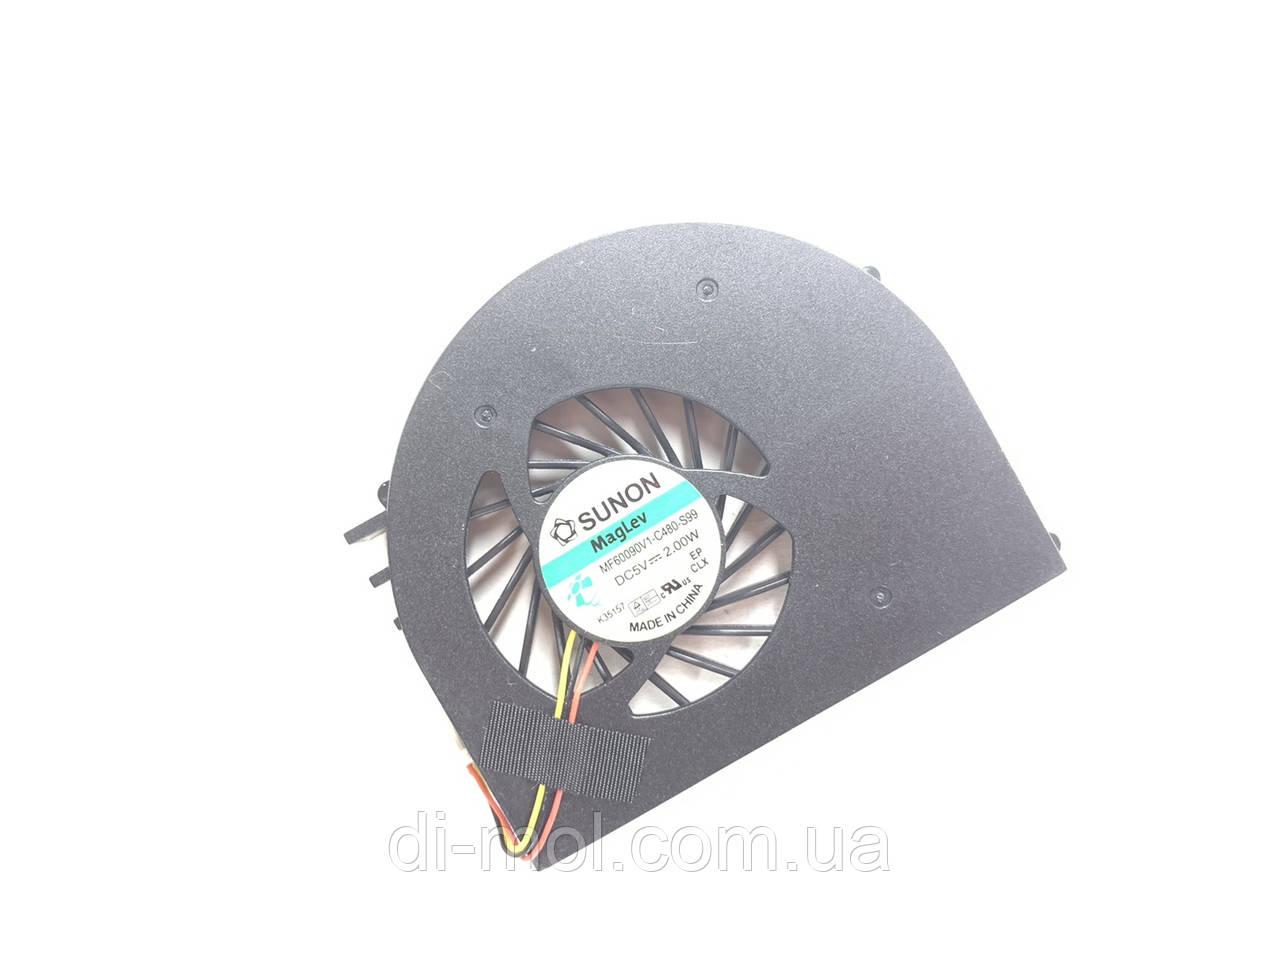 Вентилятор для ноутбука Dell Inspiron 15R N5110, 15R M5110 series, 3-pin